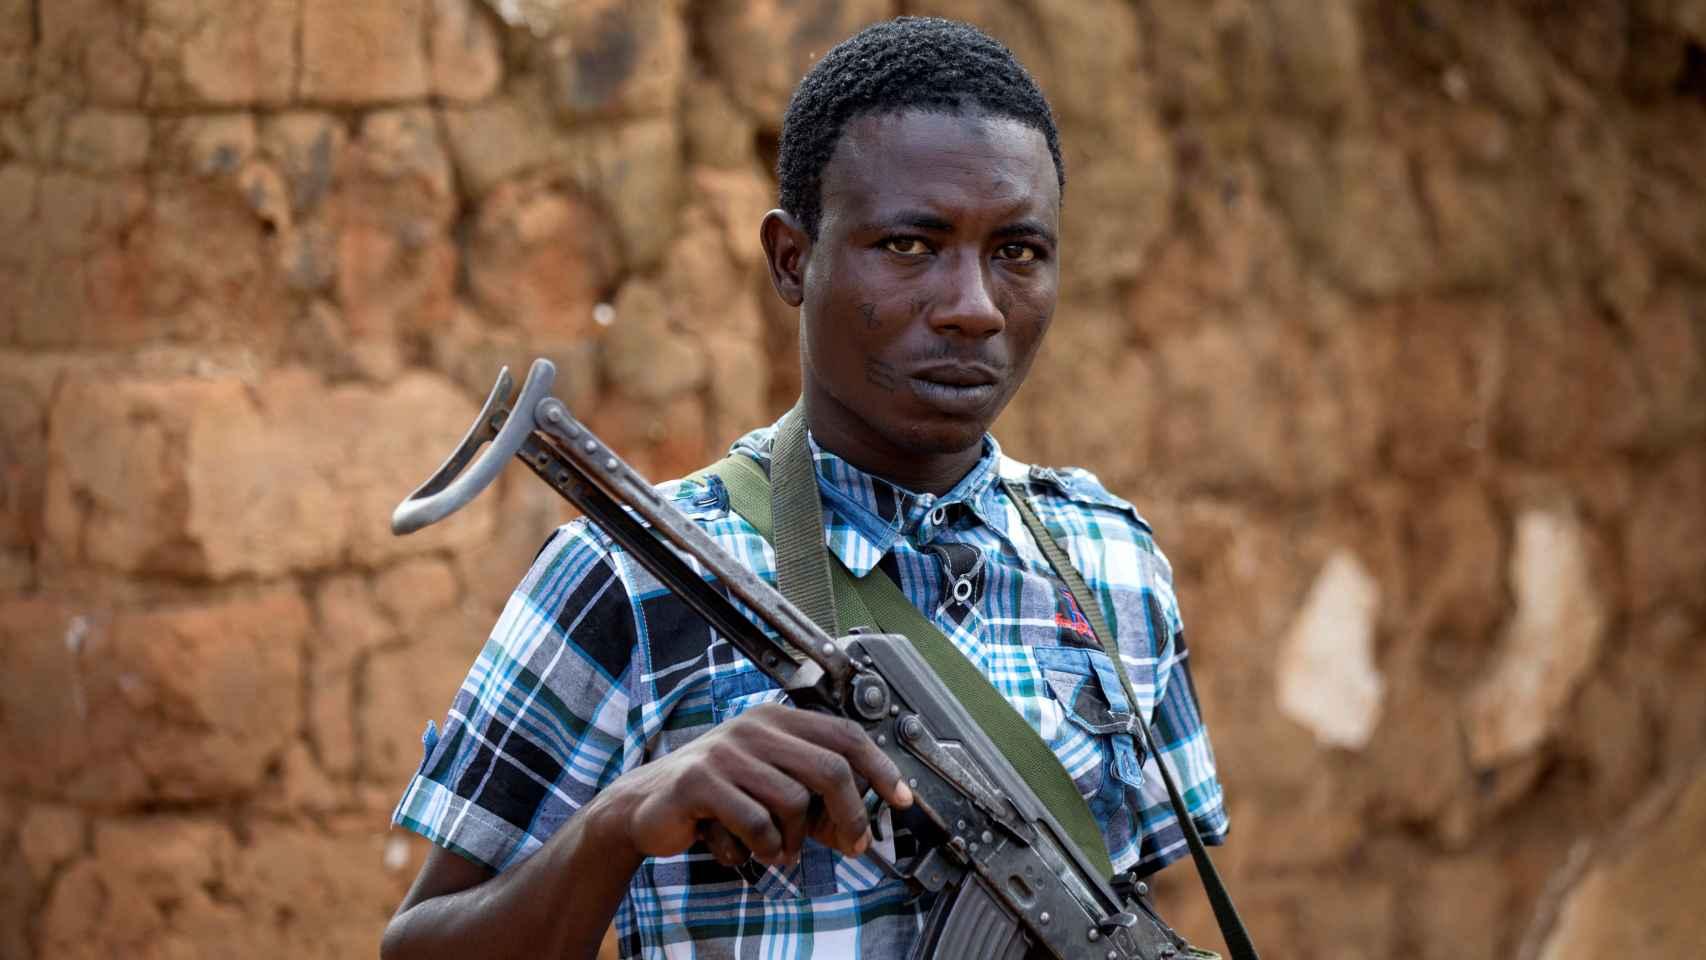 El drama de la guerra en el corazón de África